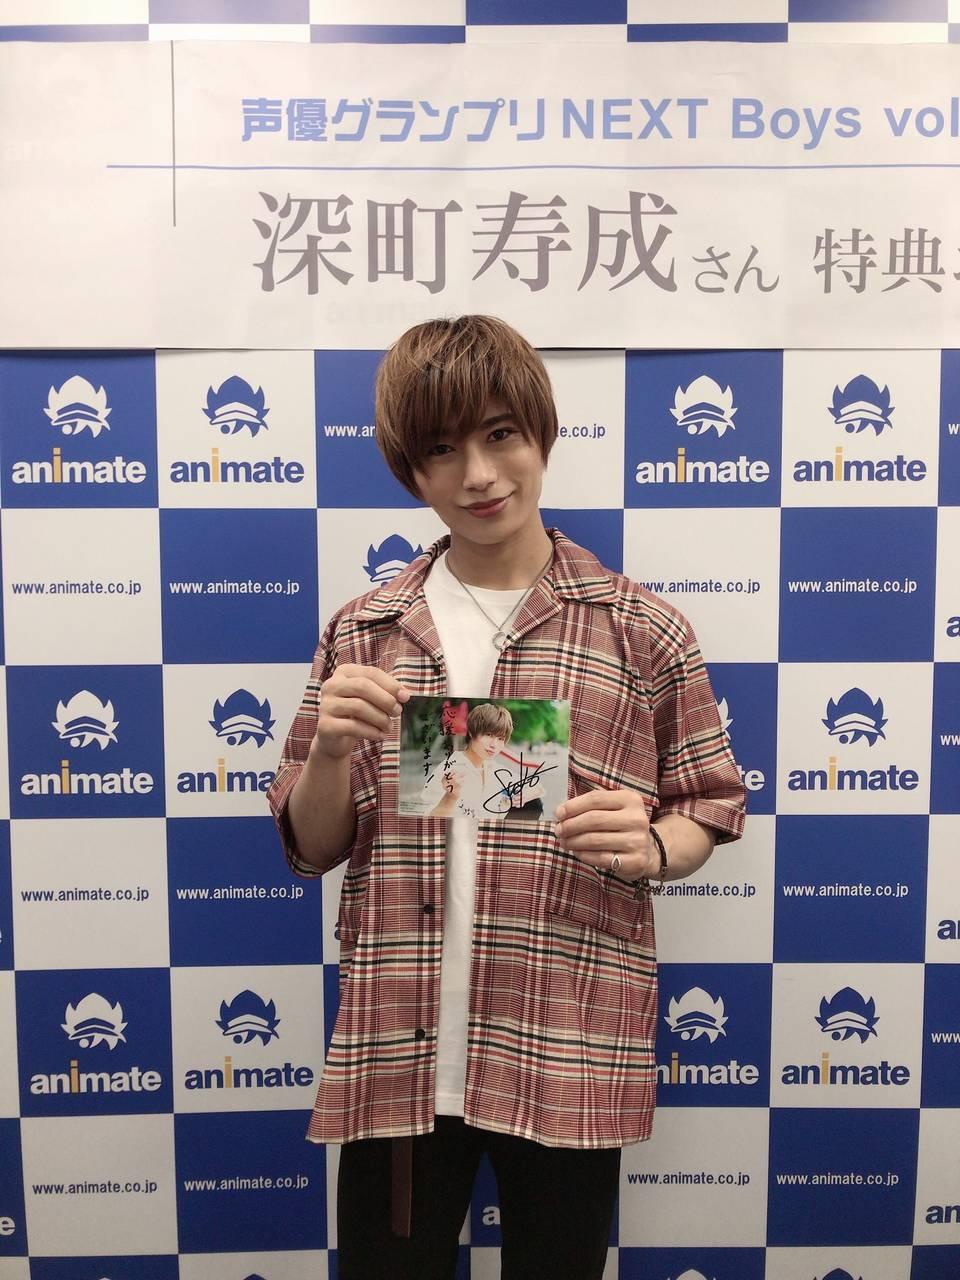 深町寿成『声優グランプリNEXT Boys vol.4』発売記念で初の単独イベントを開催!